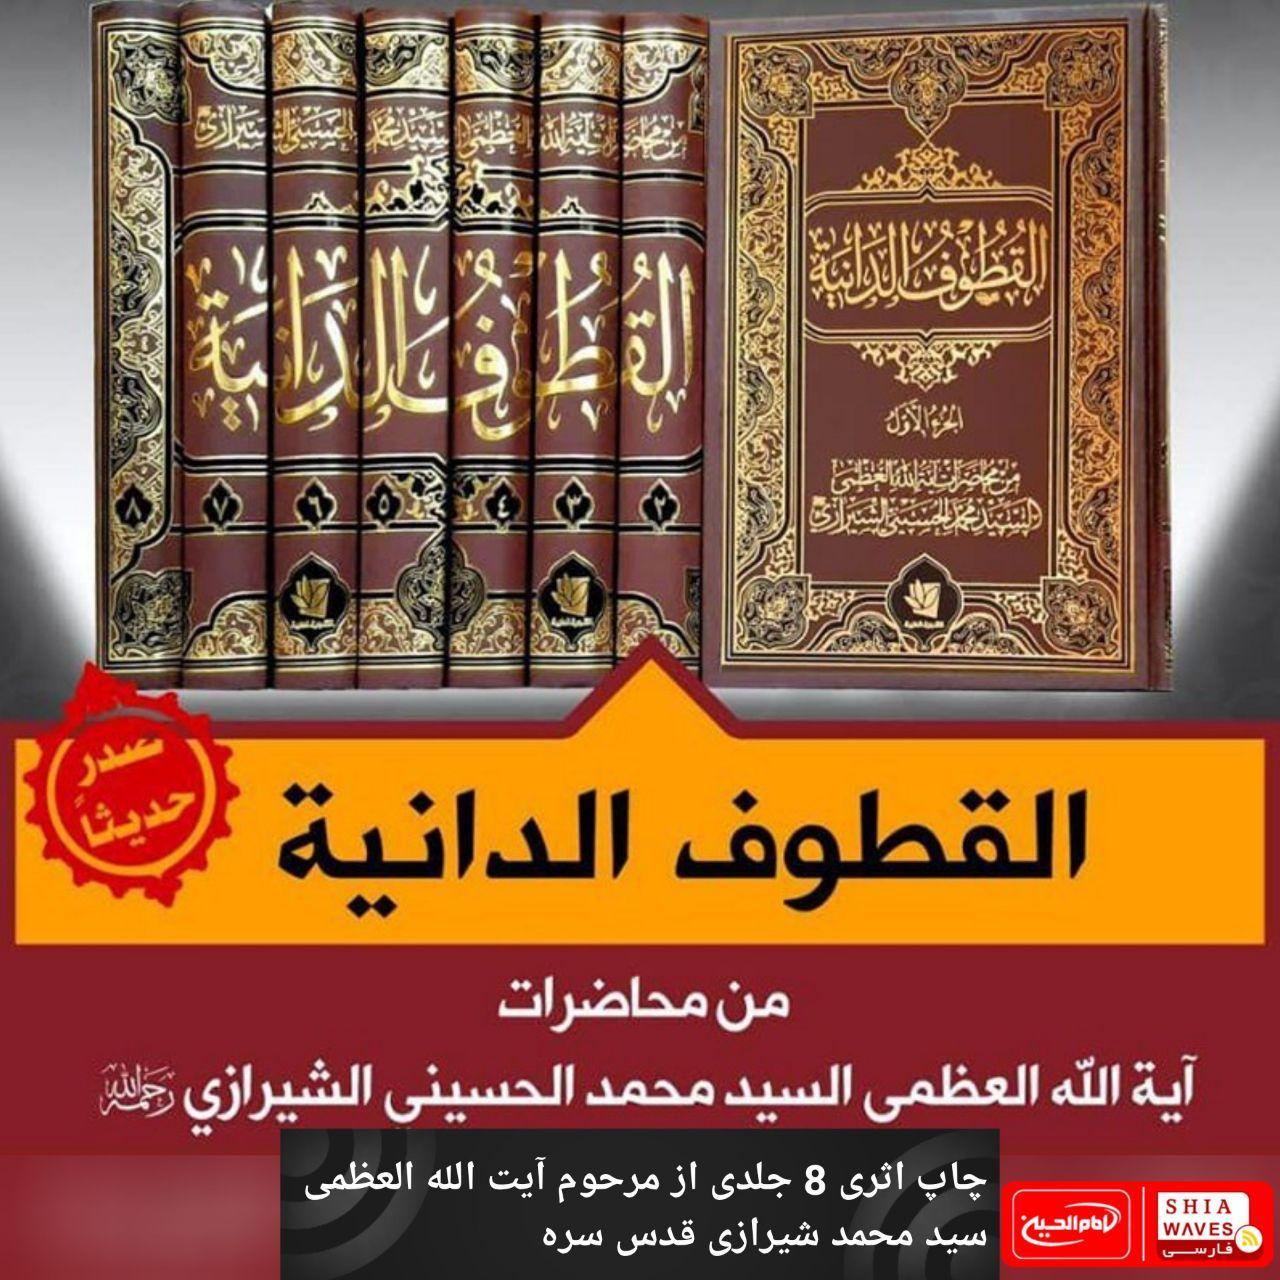 تصویر چاپ اثری 8 جلدی از مرحوم آیت الله العظمی سید محمد شیرازی قدس سره